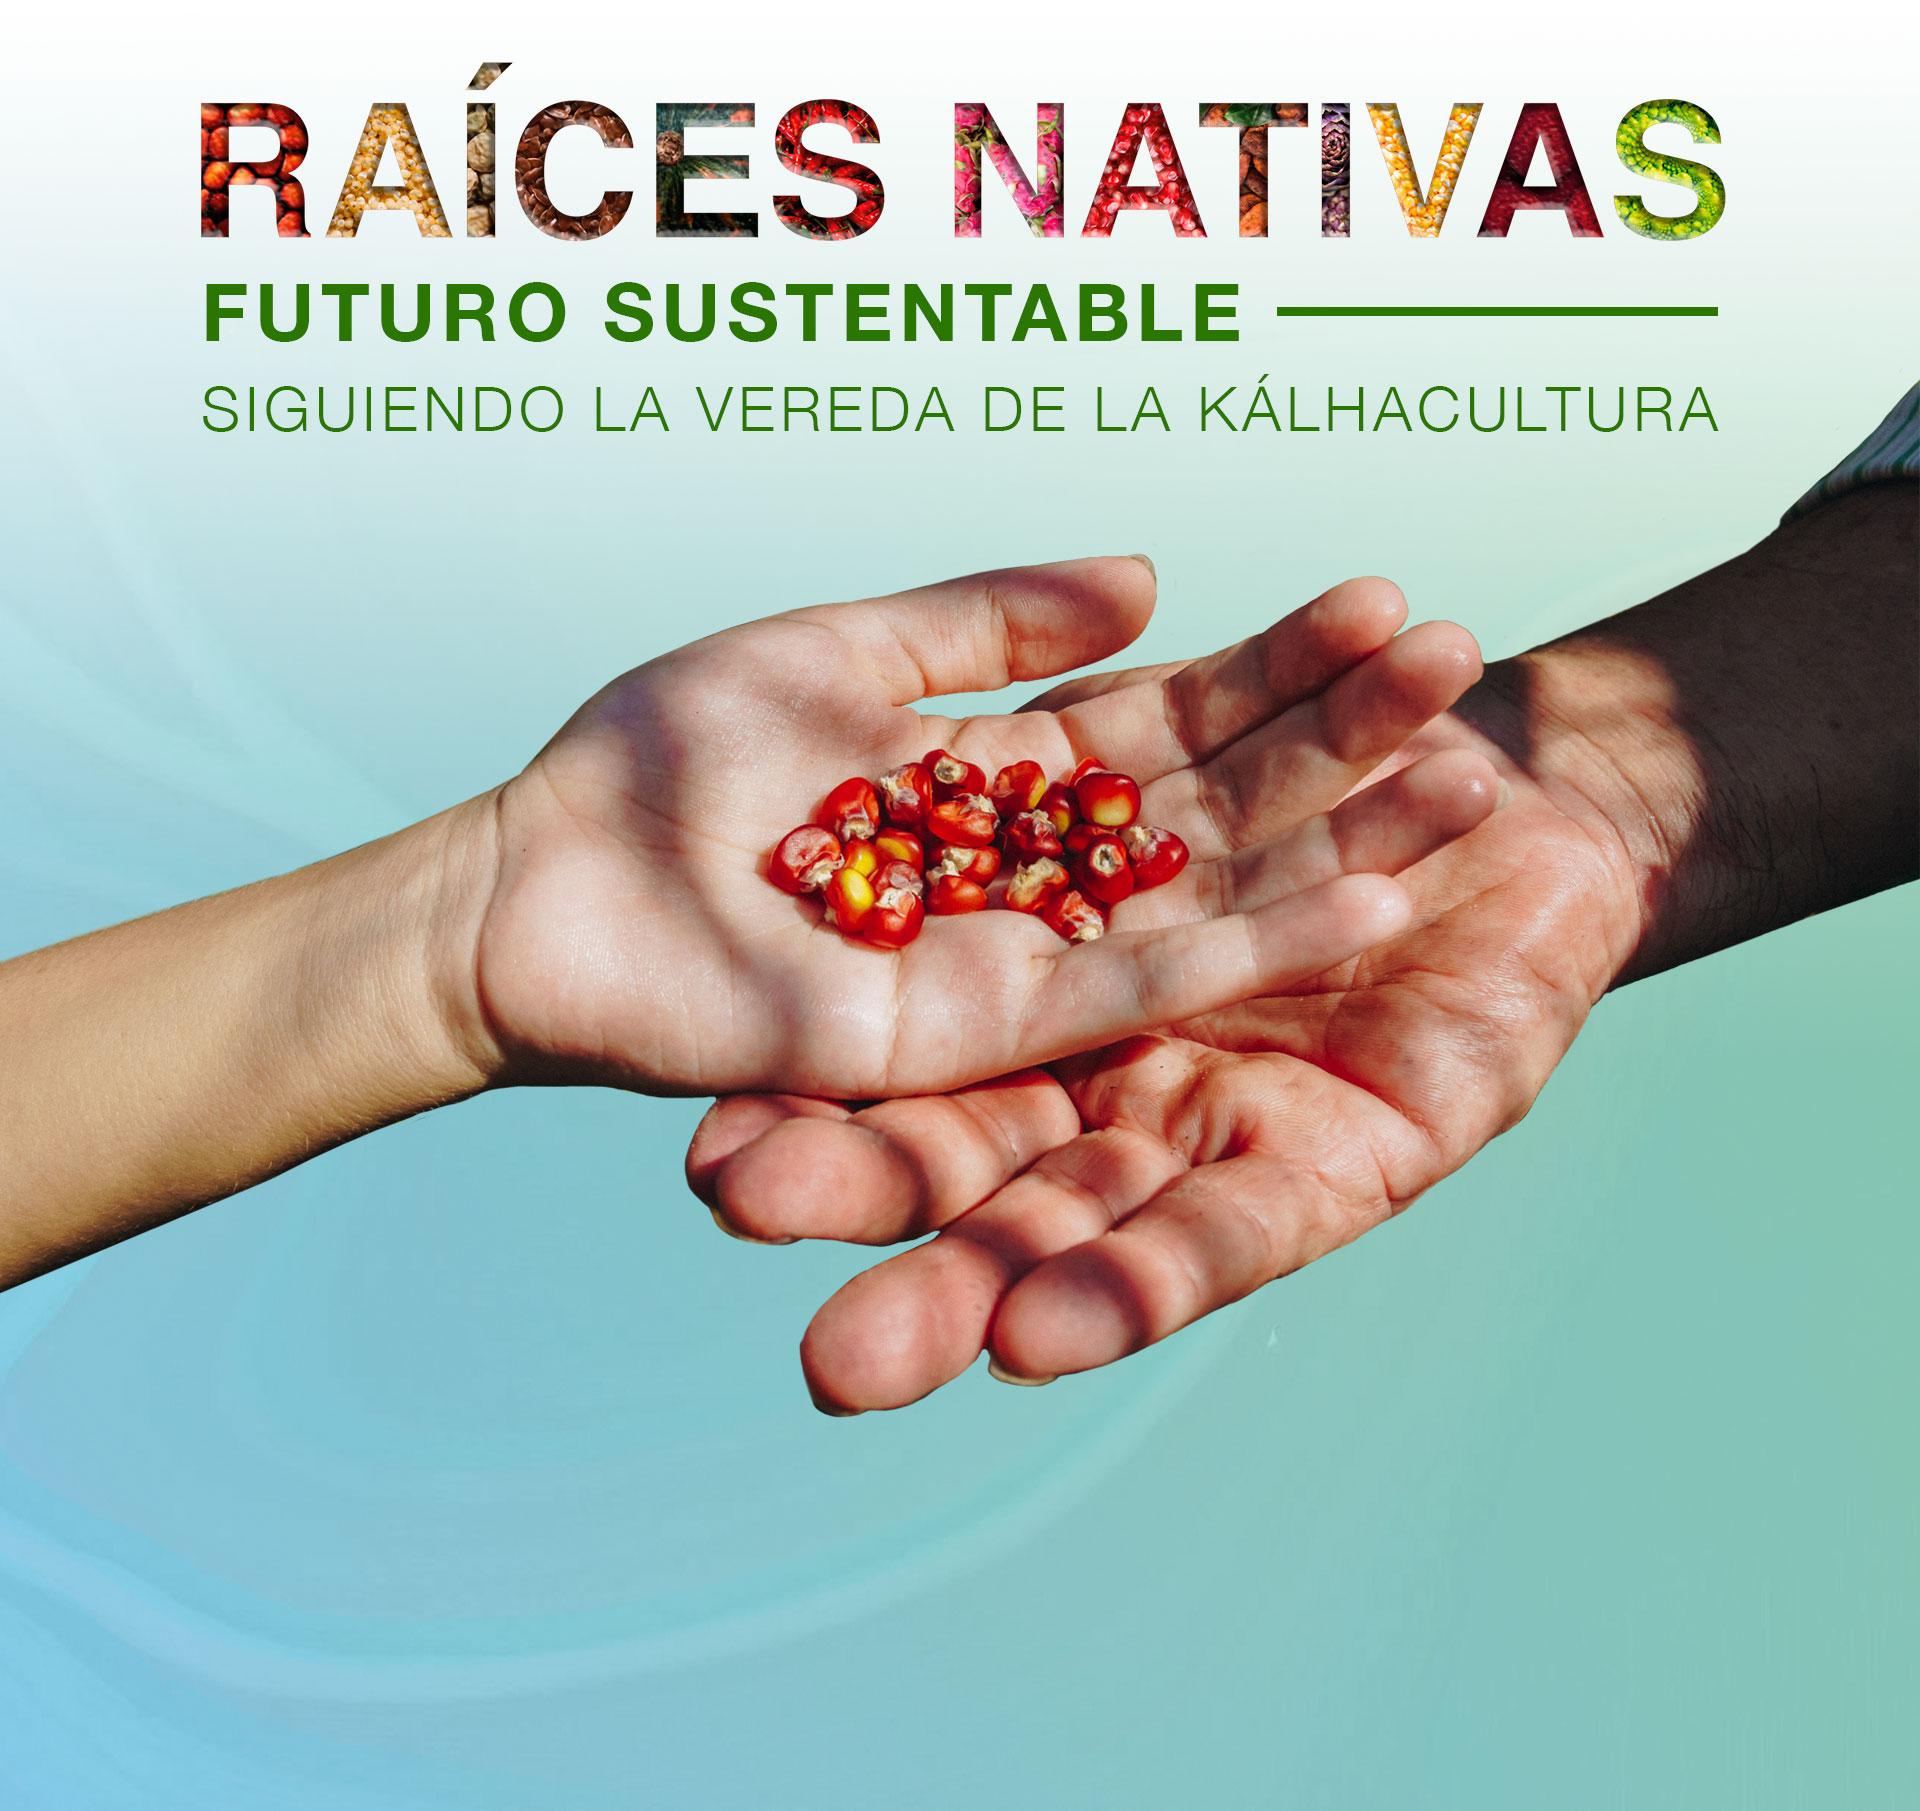 Raíces Nativas, Futuro Sustentable